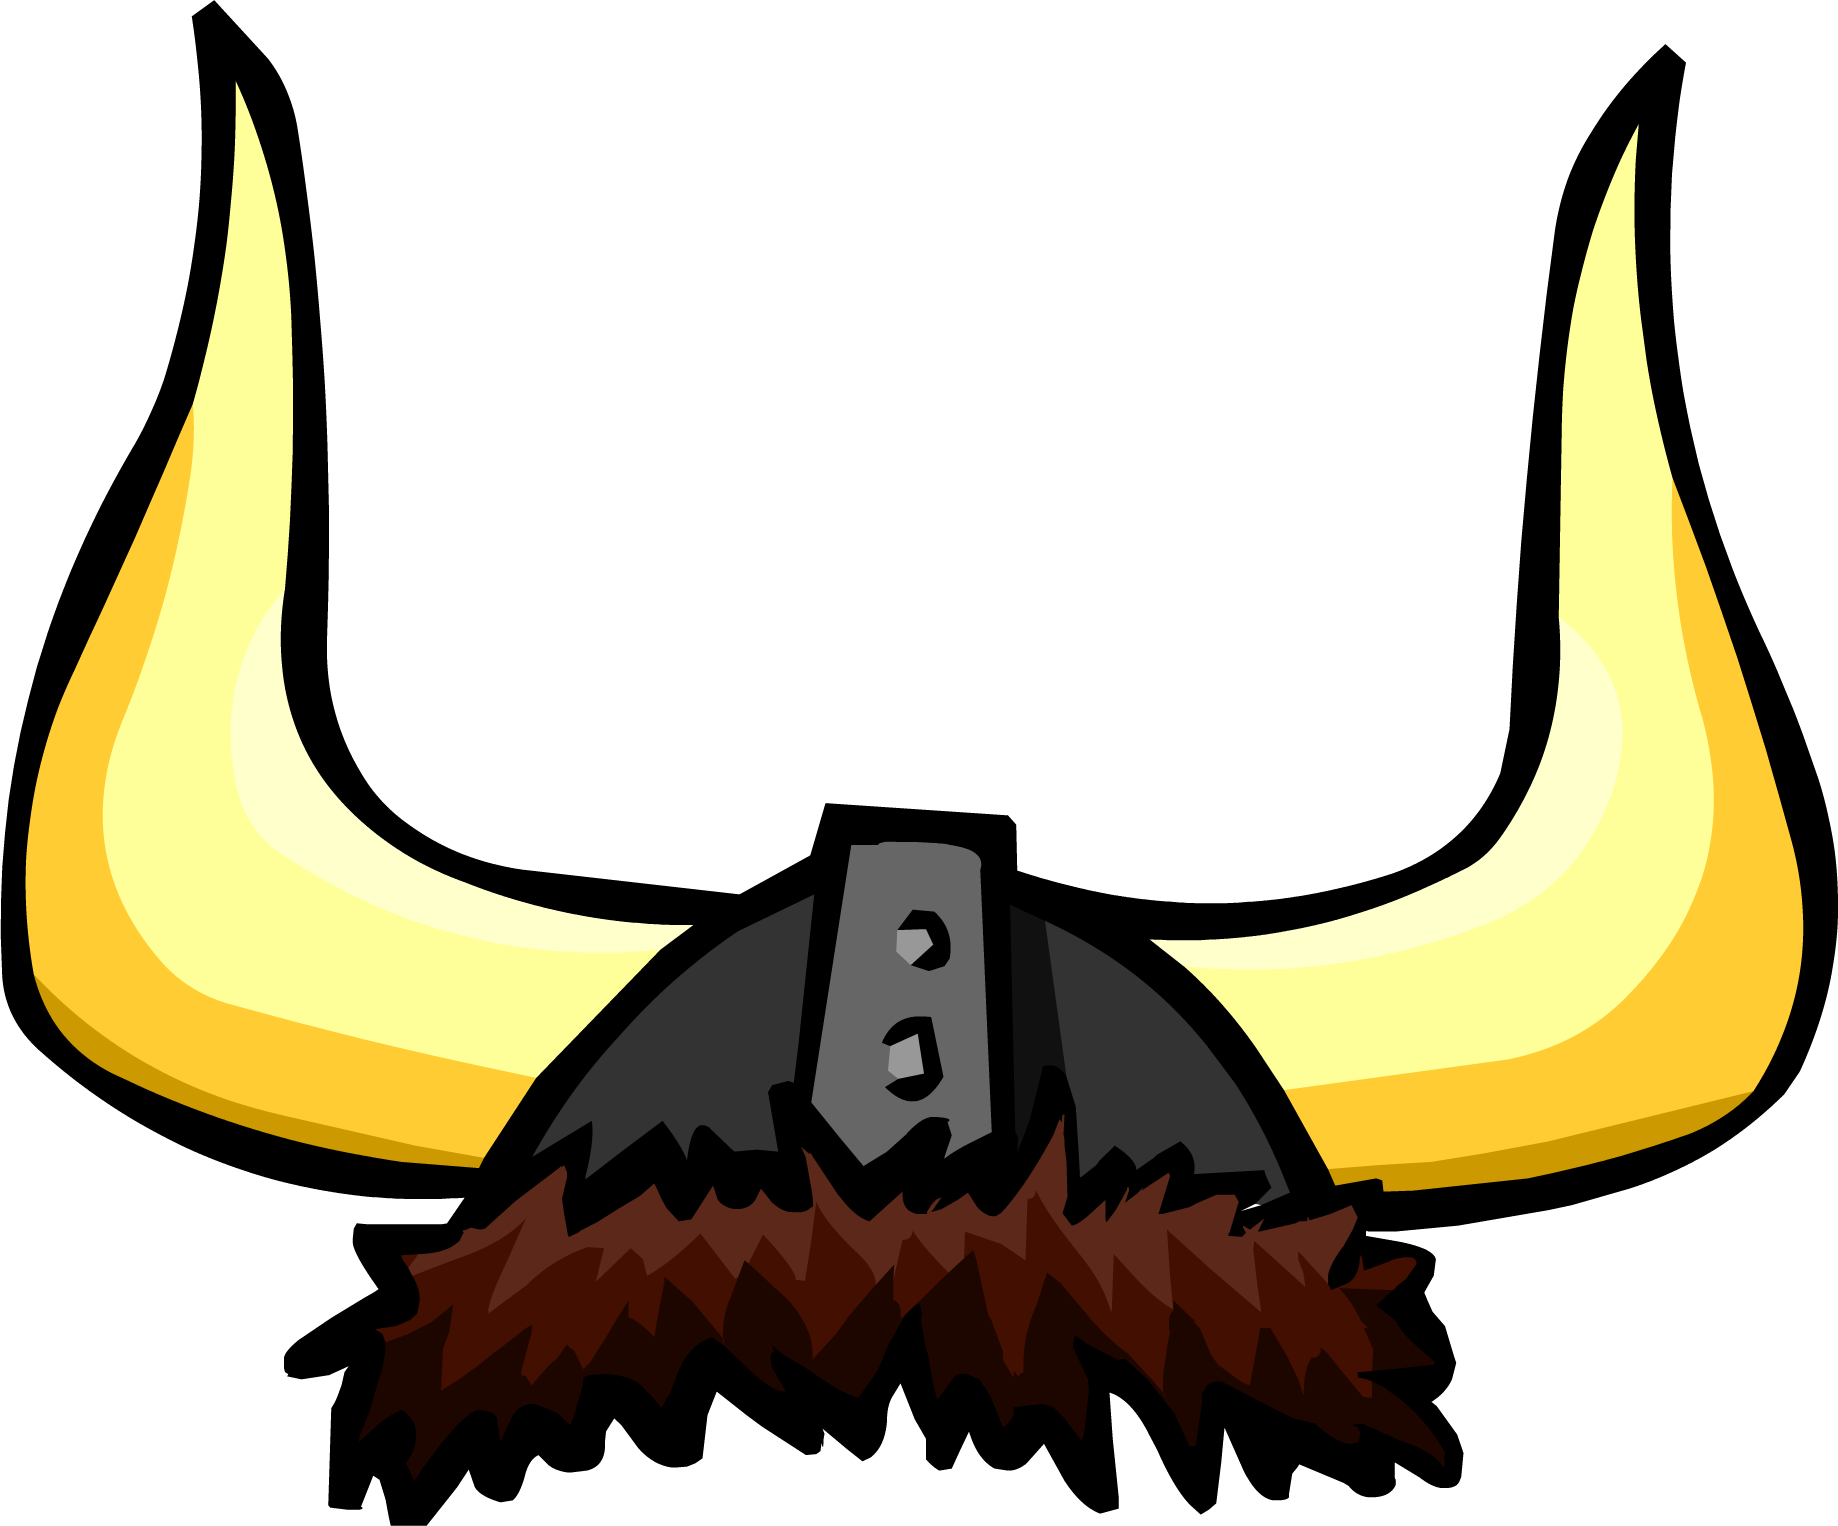 Horns clipart vikings #7